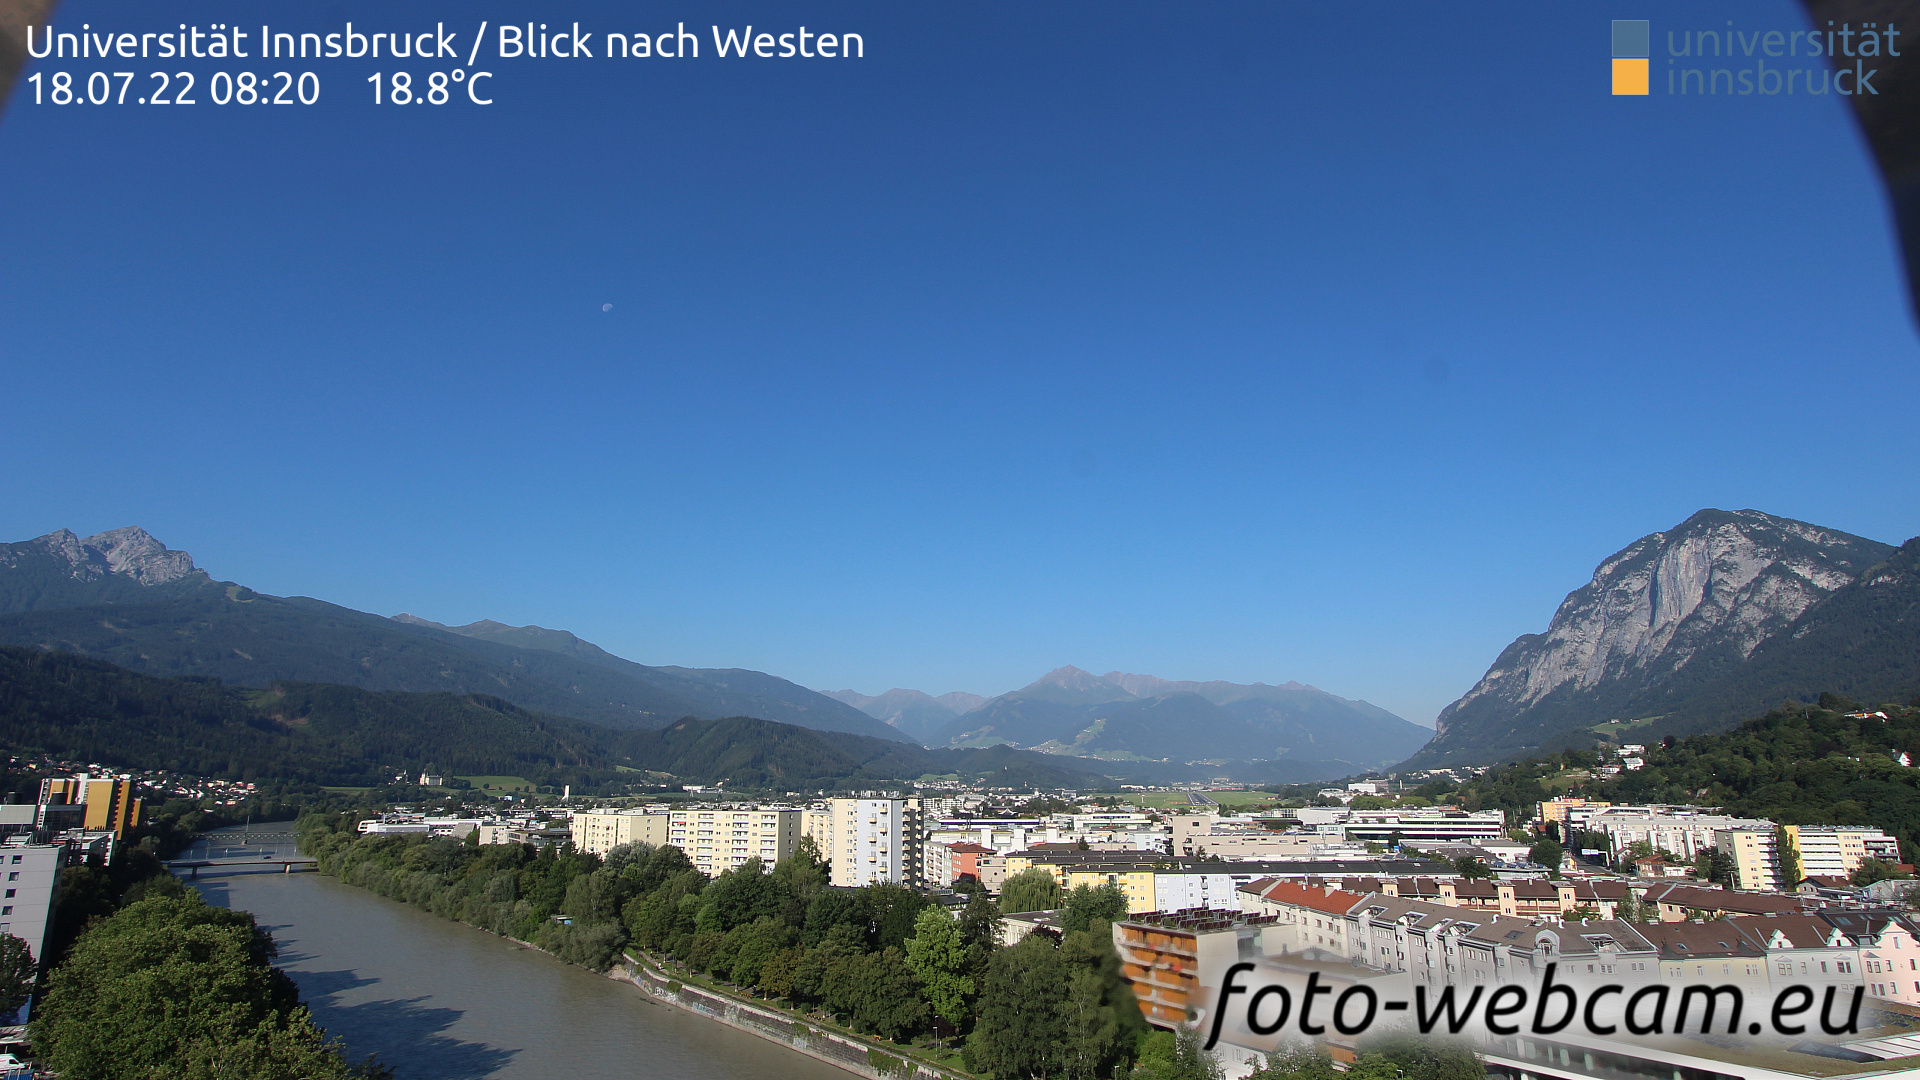 Innsbruck Mon. 08:25